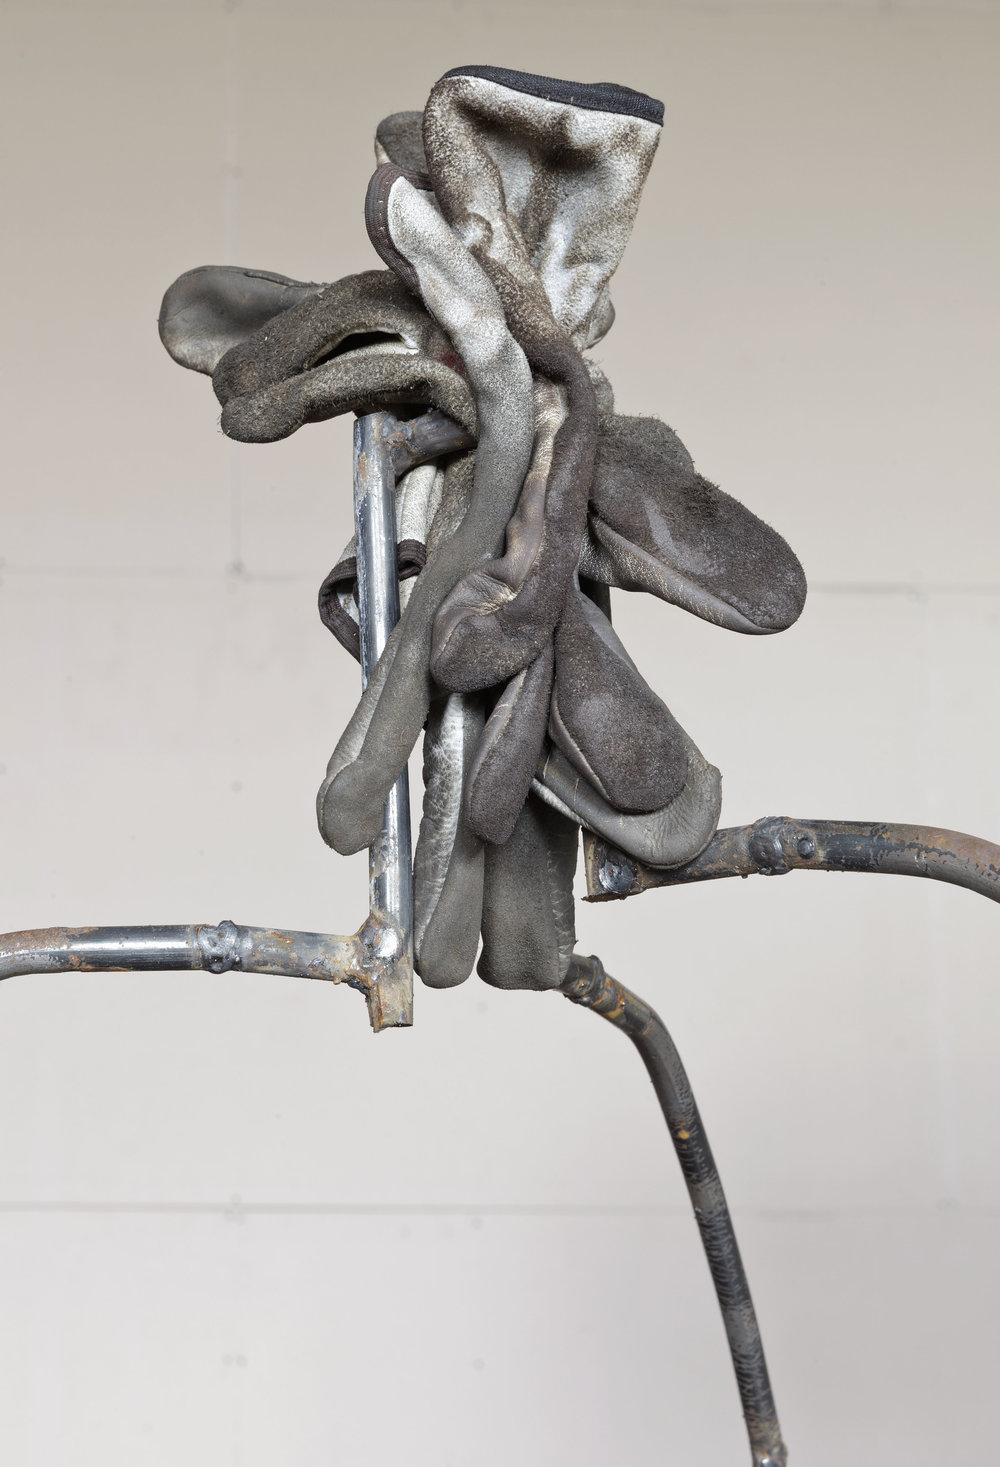 Altrove / Figura opulenta (particolare) 2017 -Tondino di ferro, guanti e sgabello - cm 115x85x100